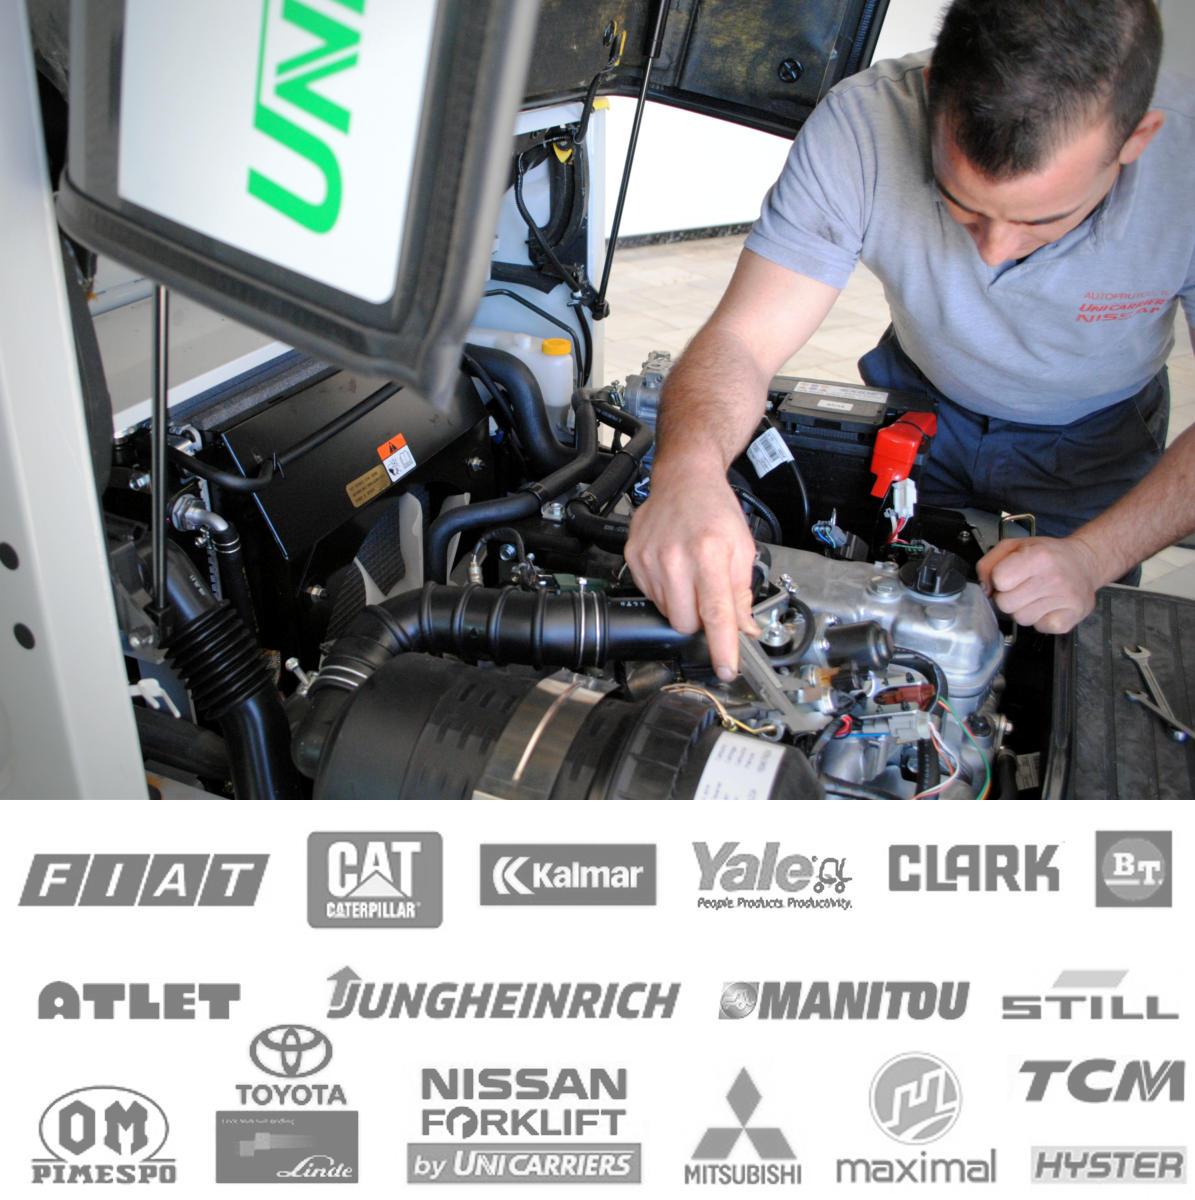 Autofrutos - Taller, servicio de reparación in situ, revisiones de maquinaria